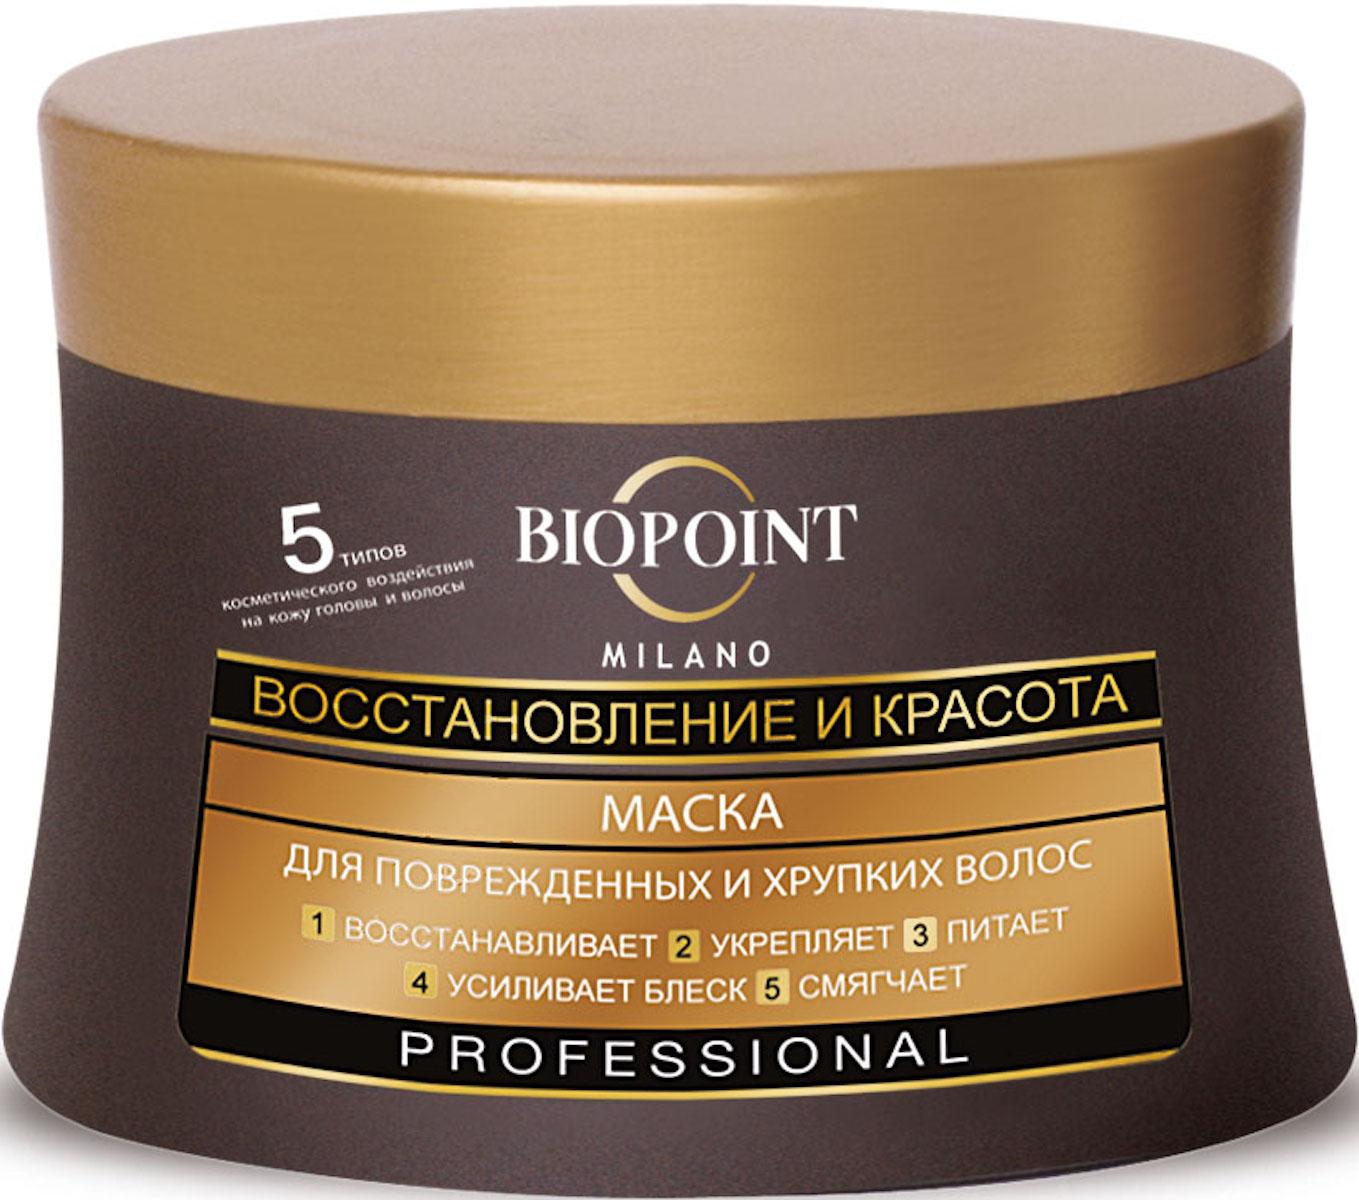 Biopoint Маска Восстановление и красота для поврежденных и хрупких волос, 250 мл26105Насыщенная роскошная текстура маски восстанавливает хрупкие и поврежденные волосы. Макассаровое масло укрепляет и питает, протеины шелка усиливают блеск. Сильные и здоровые, ваши волосы сияют красотой.